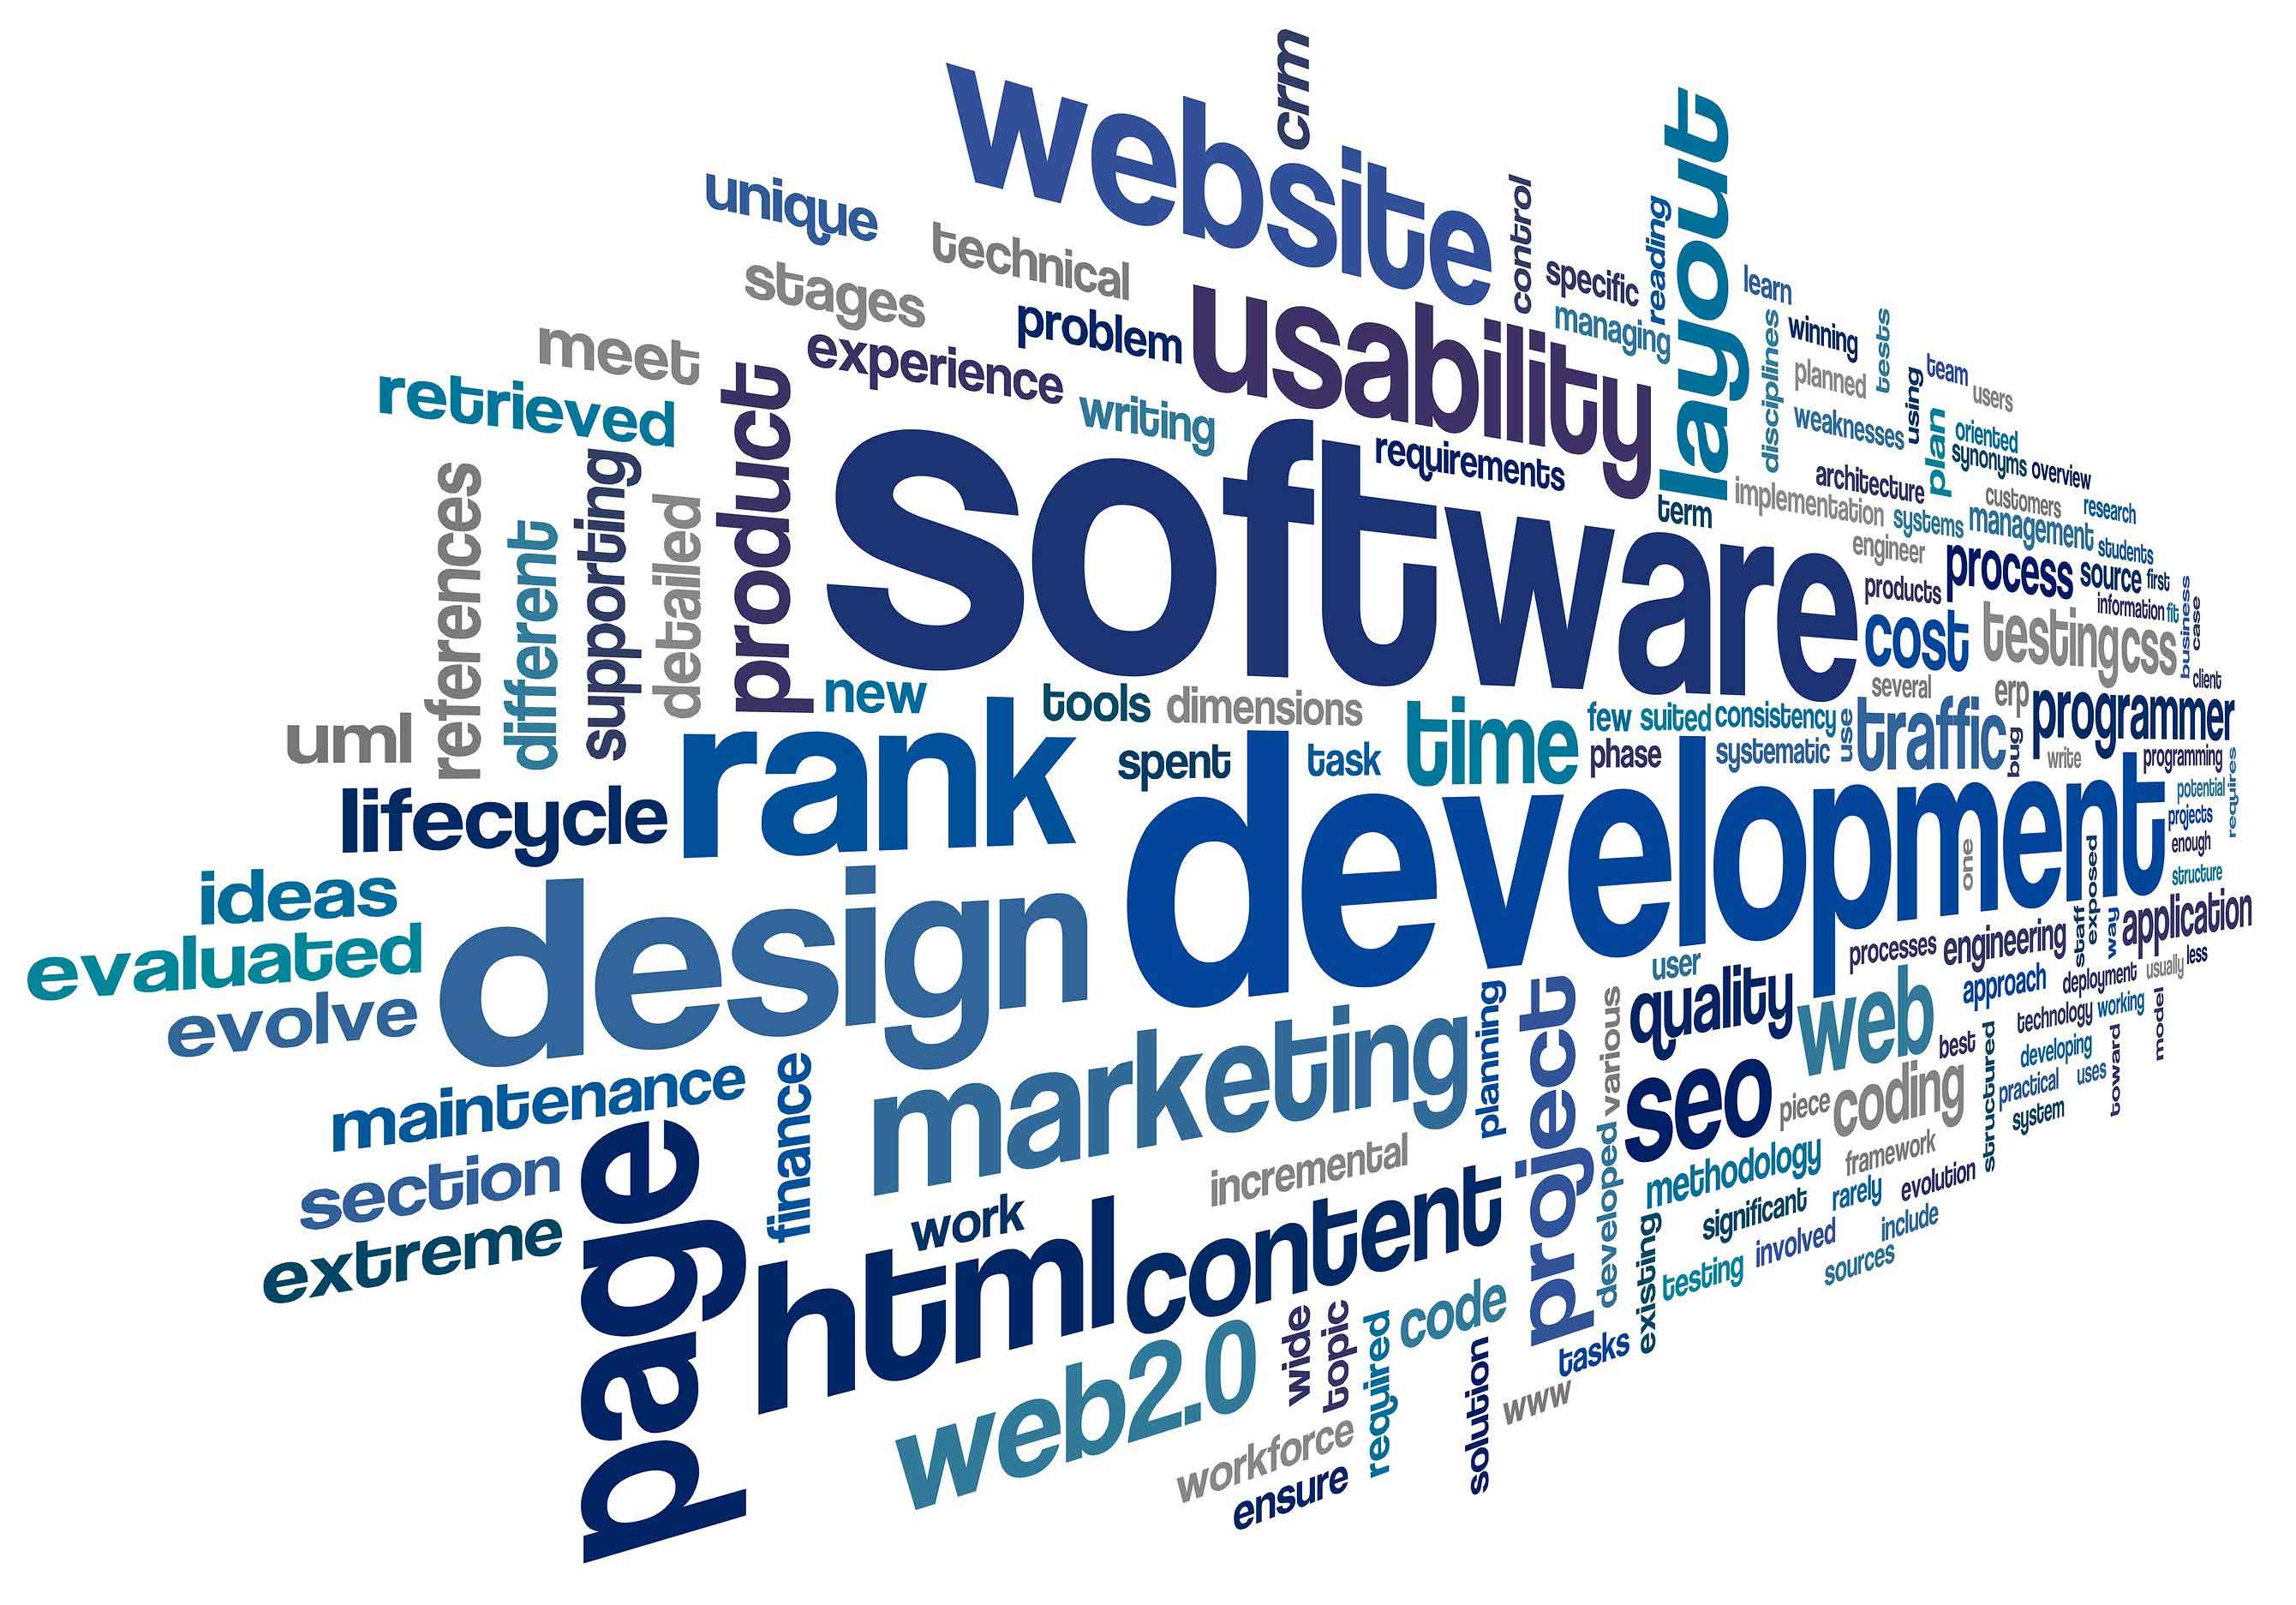 Lviv de Yeni Yazılım Şirketi, Lviv IT Şirketleri, Lviv IT Teknolojileri, Lviv BT Teknoloji, Ukrayna Lviv IT Şirketleri, Lviv Yazılım Şirketleri